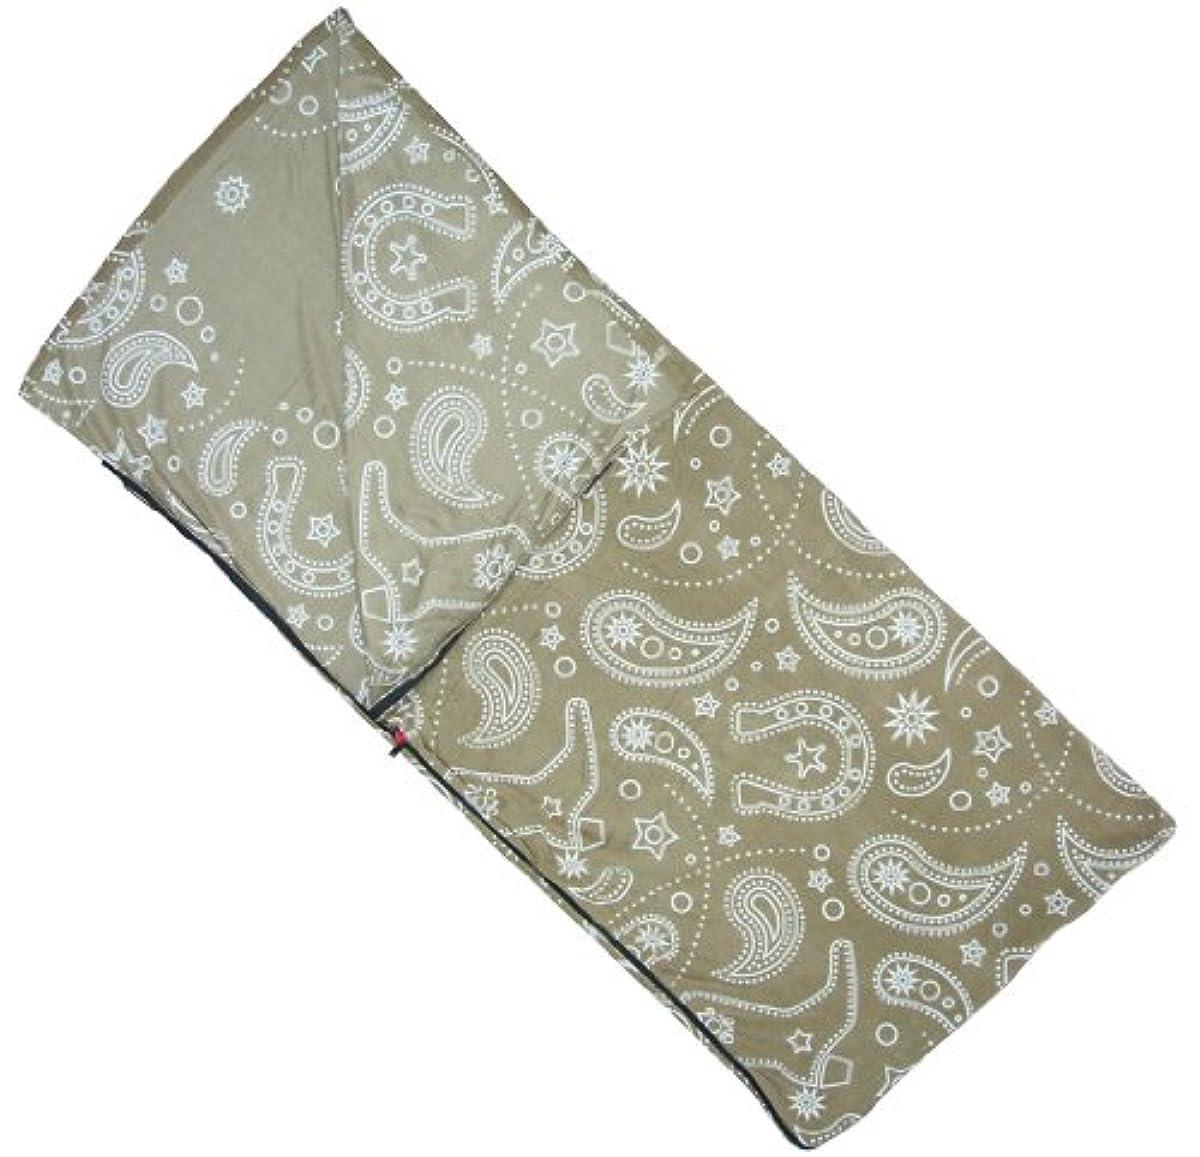 [해외] 콜맨COLEMAN 플리스fleece 이너 봉투형 침낭용 반다나머리띠 디자인 2000016148